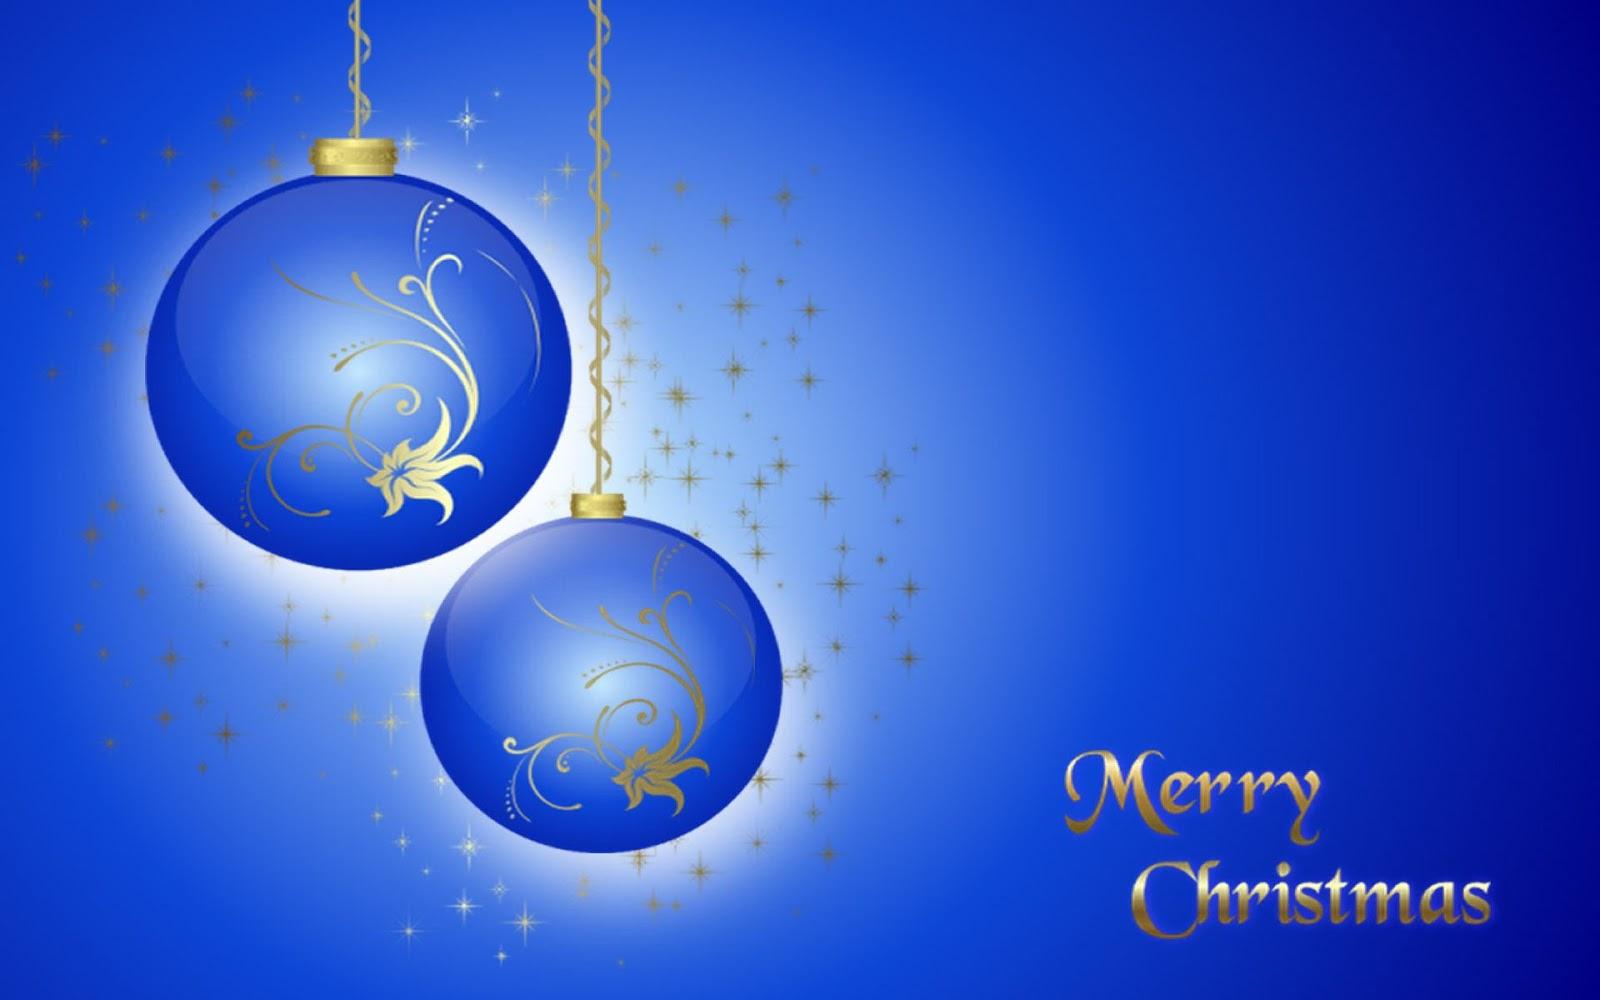 Fondo De Pantalla Abstracto Bolas Azules: Wallpapernarium: Fondo De Pantalla De Dos Bolas De Navidad